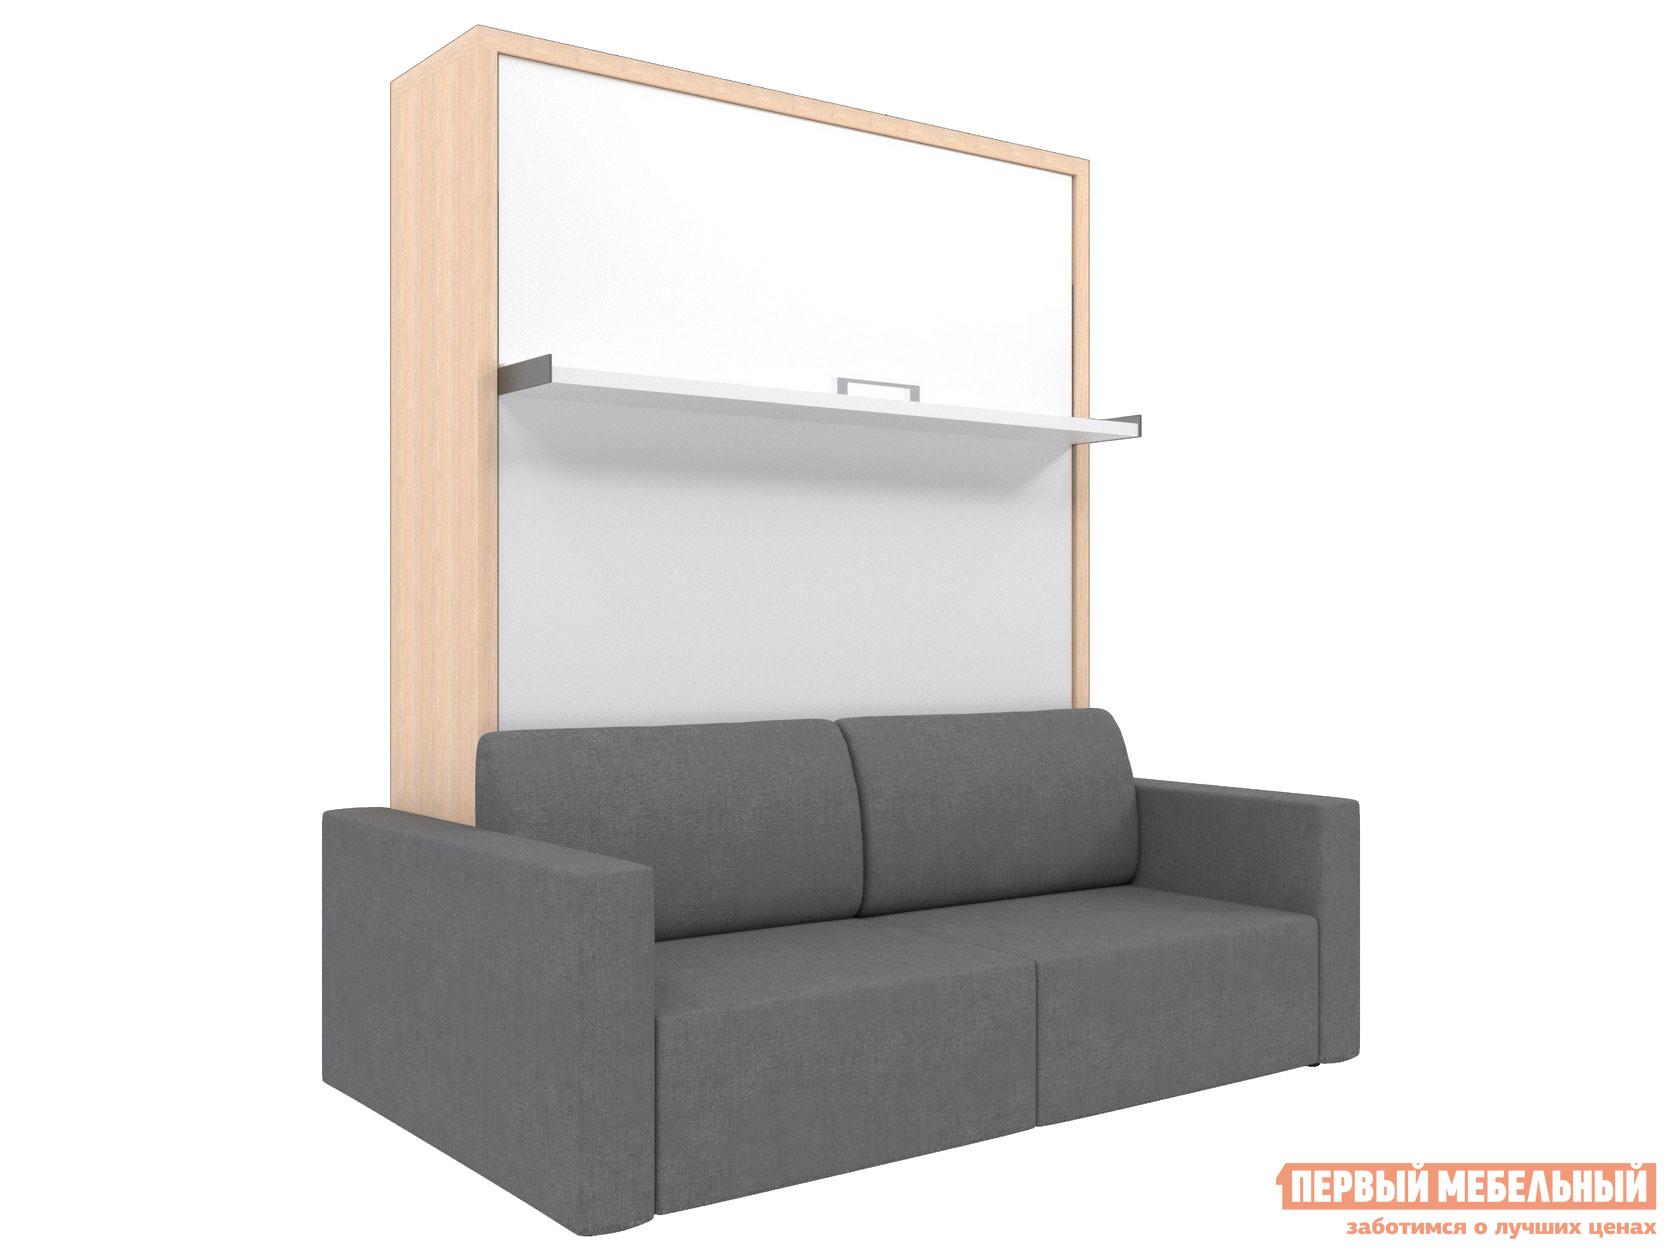 Двуспальная кровать  Смарт 1 (К+Д) Дуб, Серый, 1400 Х 2000 мм